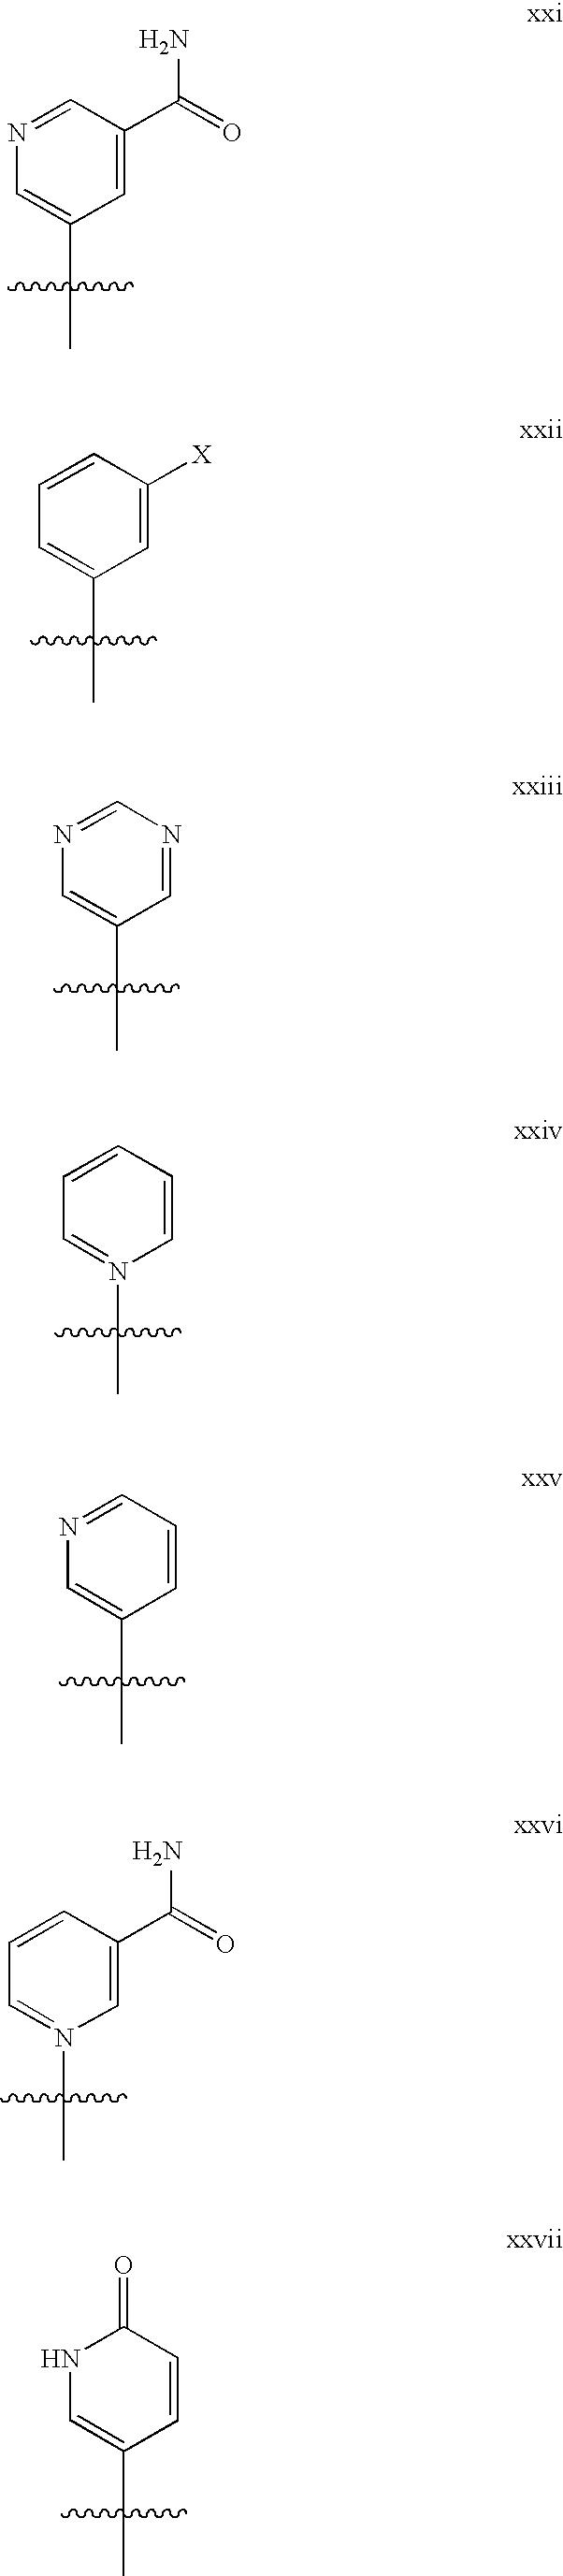 Figure US08017634-20110913-C00032